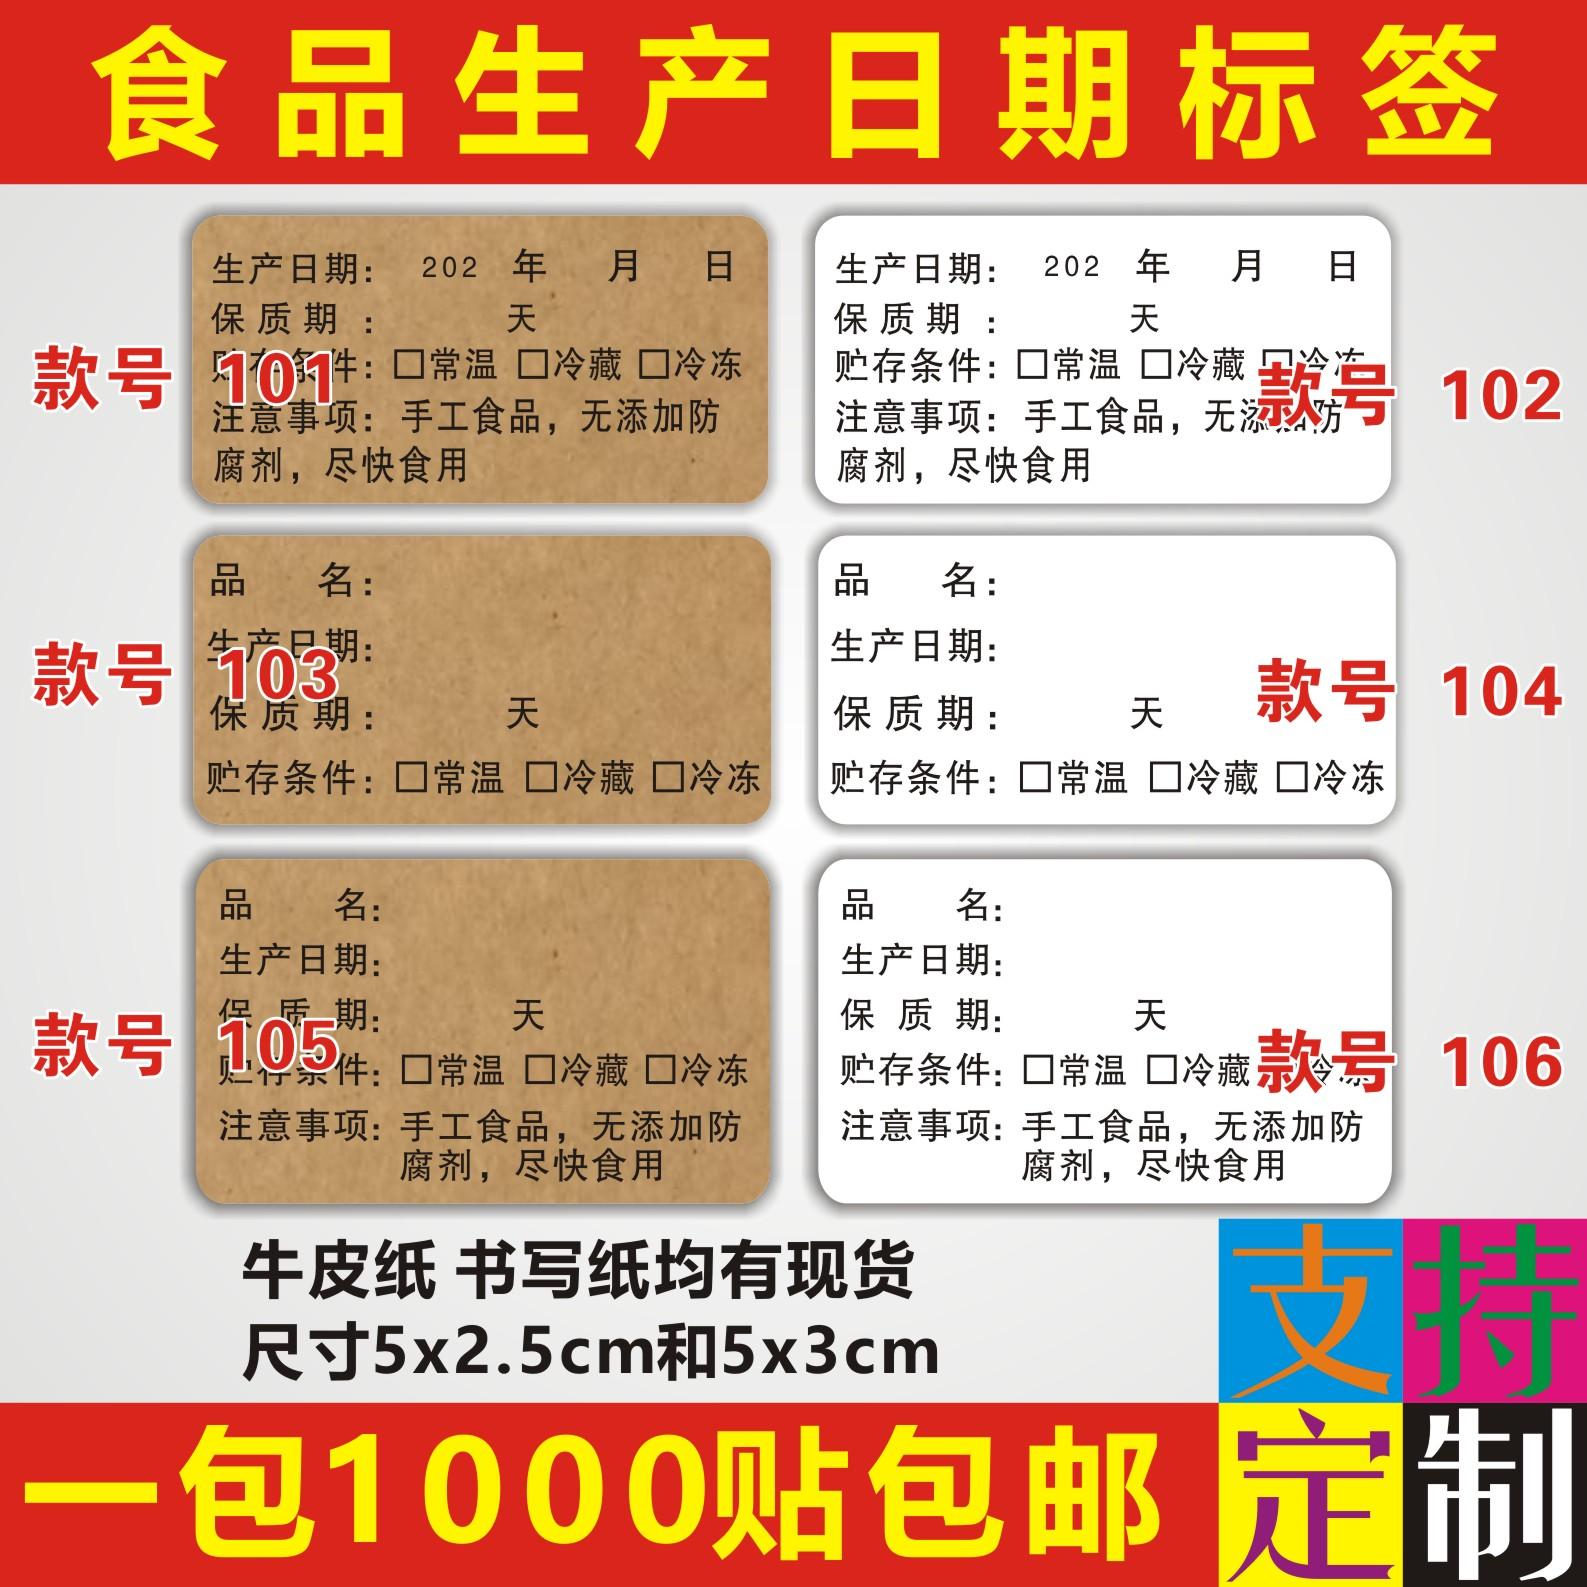 食品生产日期不干胶贴纸保质期有效期牛皮纸标签烘焙贴纸防水冷藏